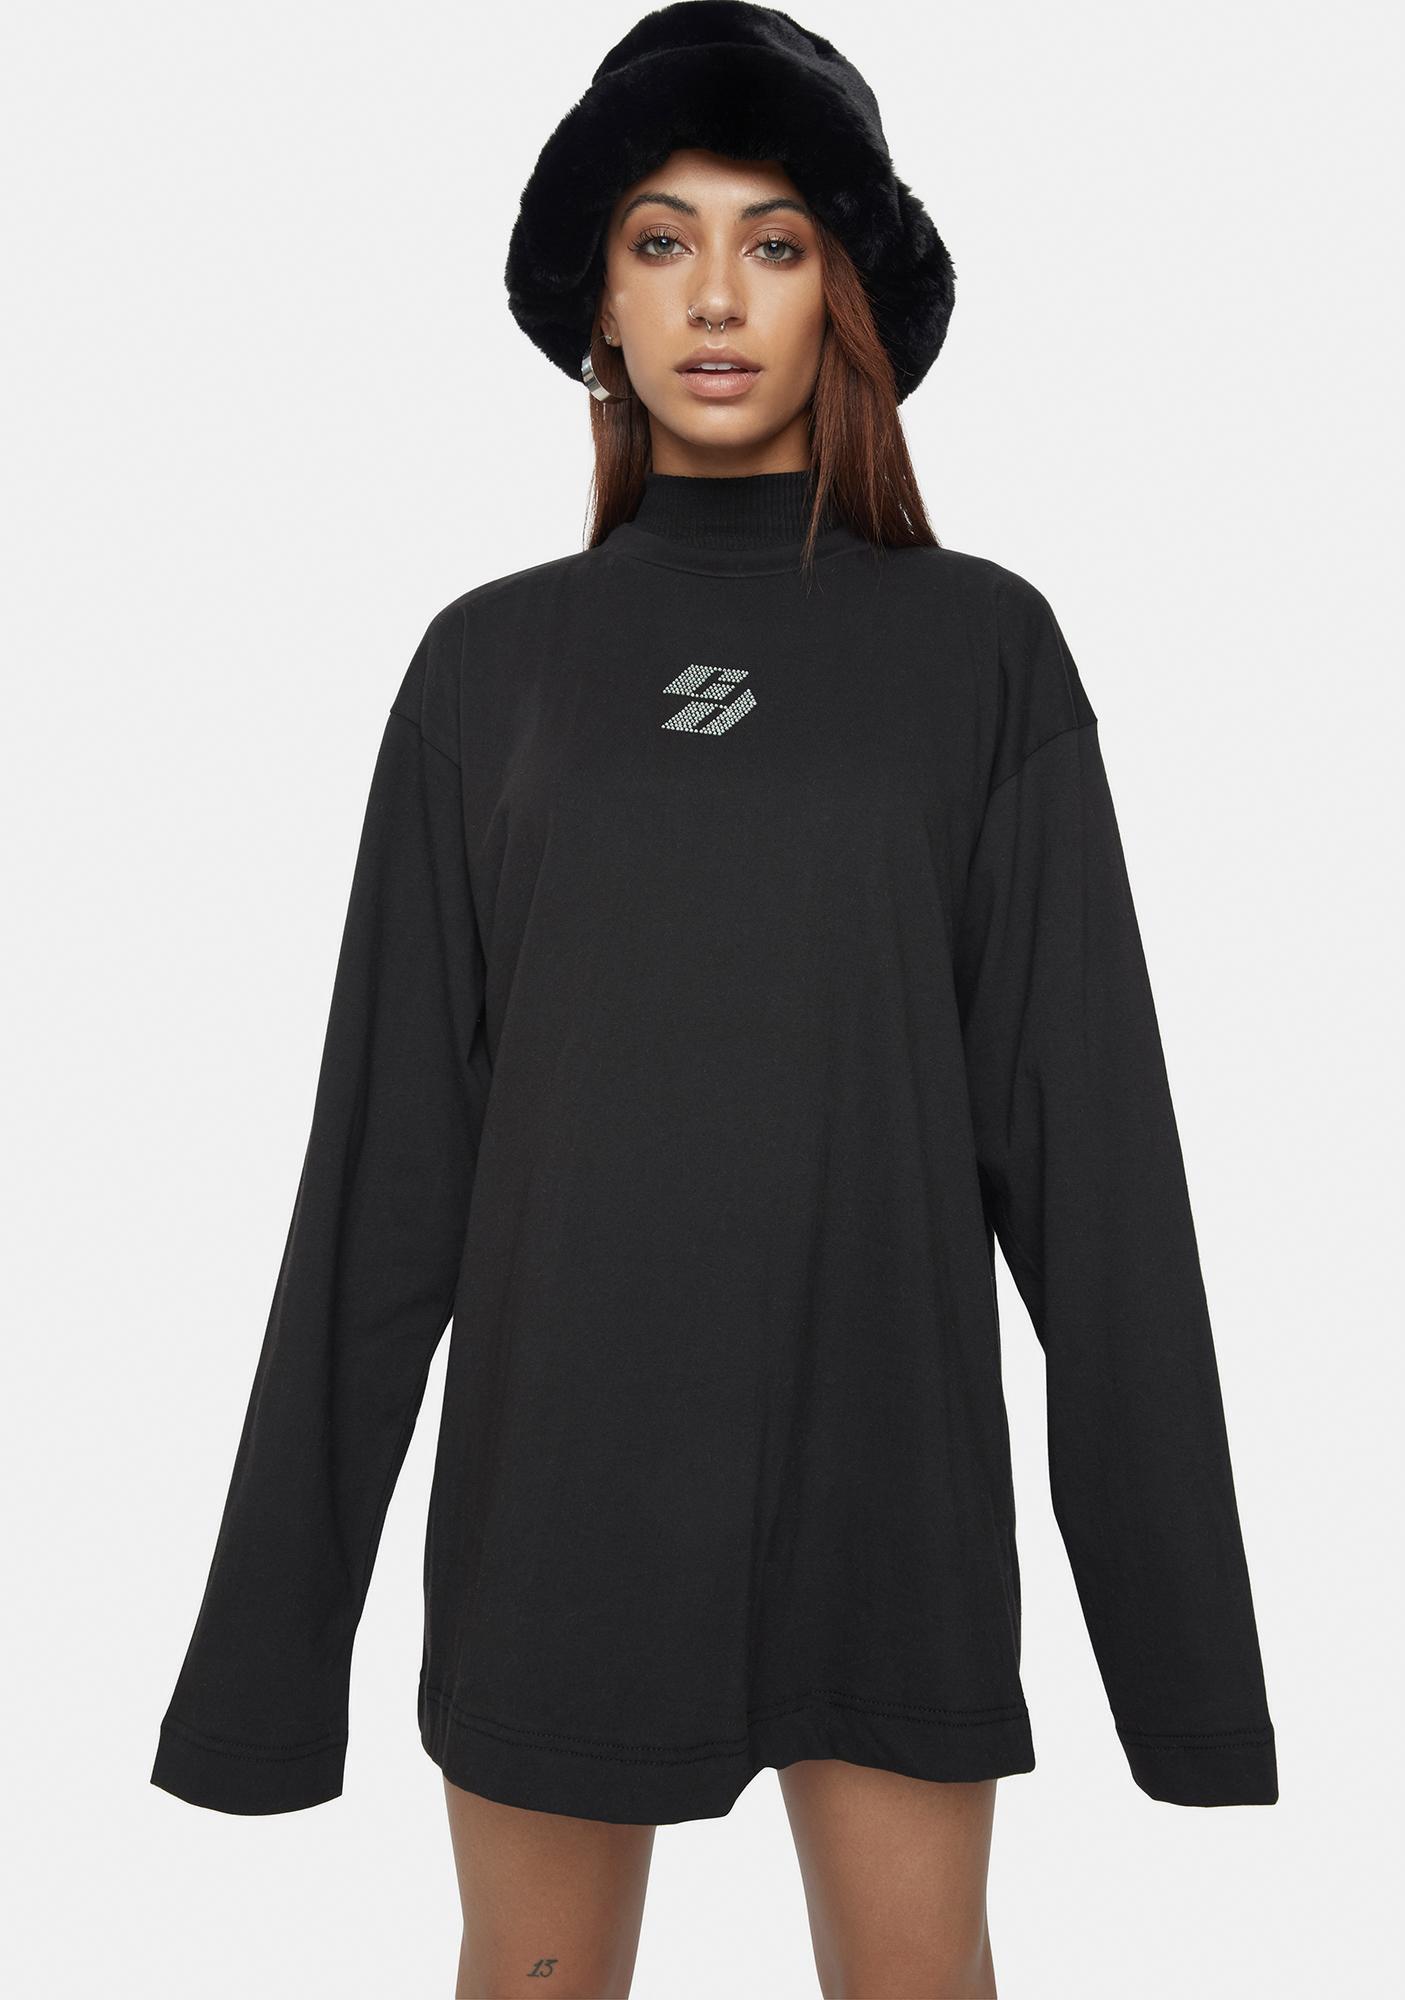 Criminal Damage T-Shirt Dress With Rhinestone Embellishment